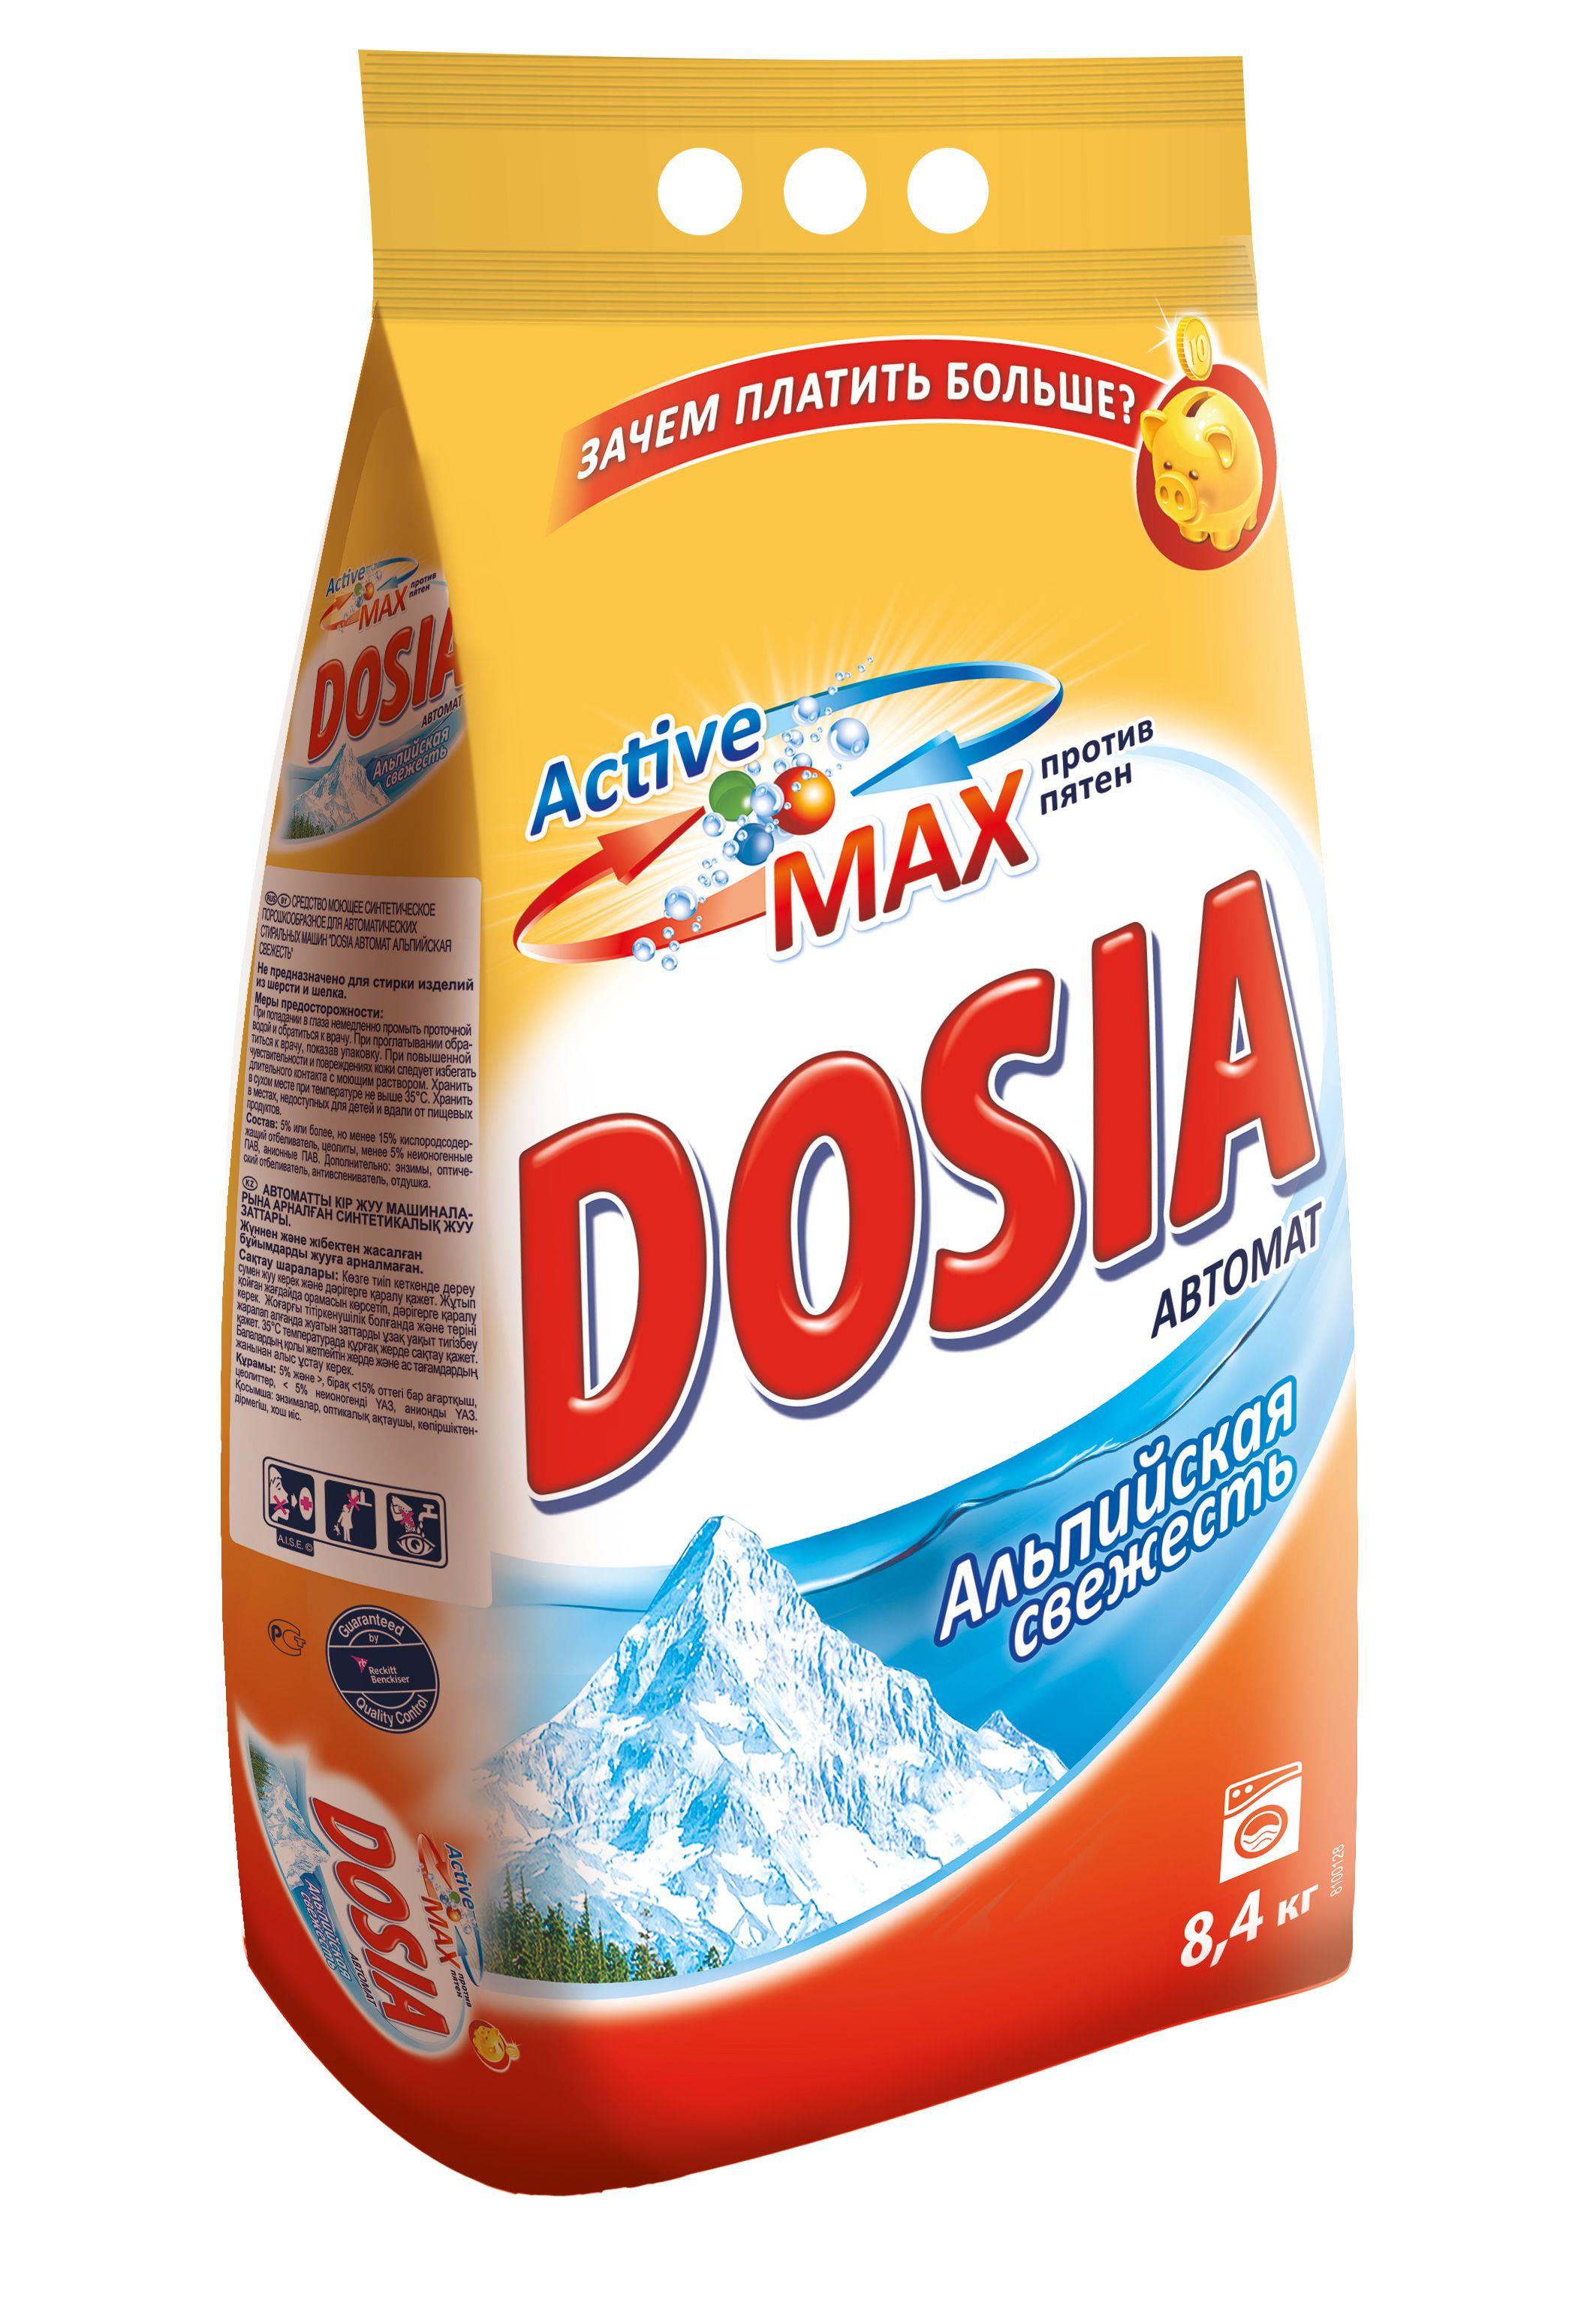 Порошок для стирки Dosia для белых тканей